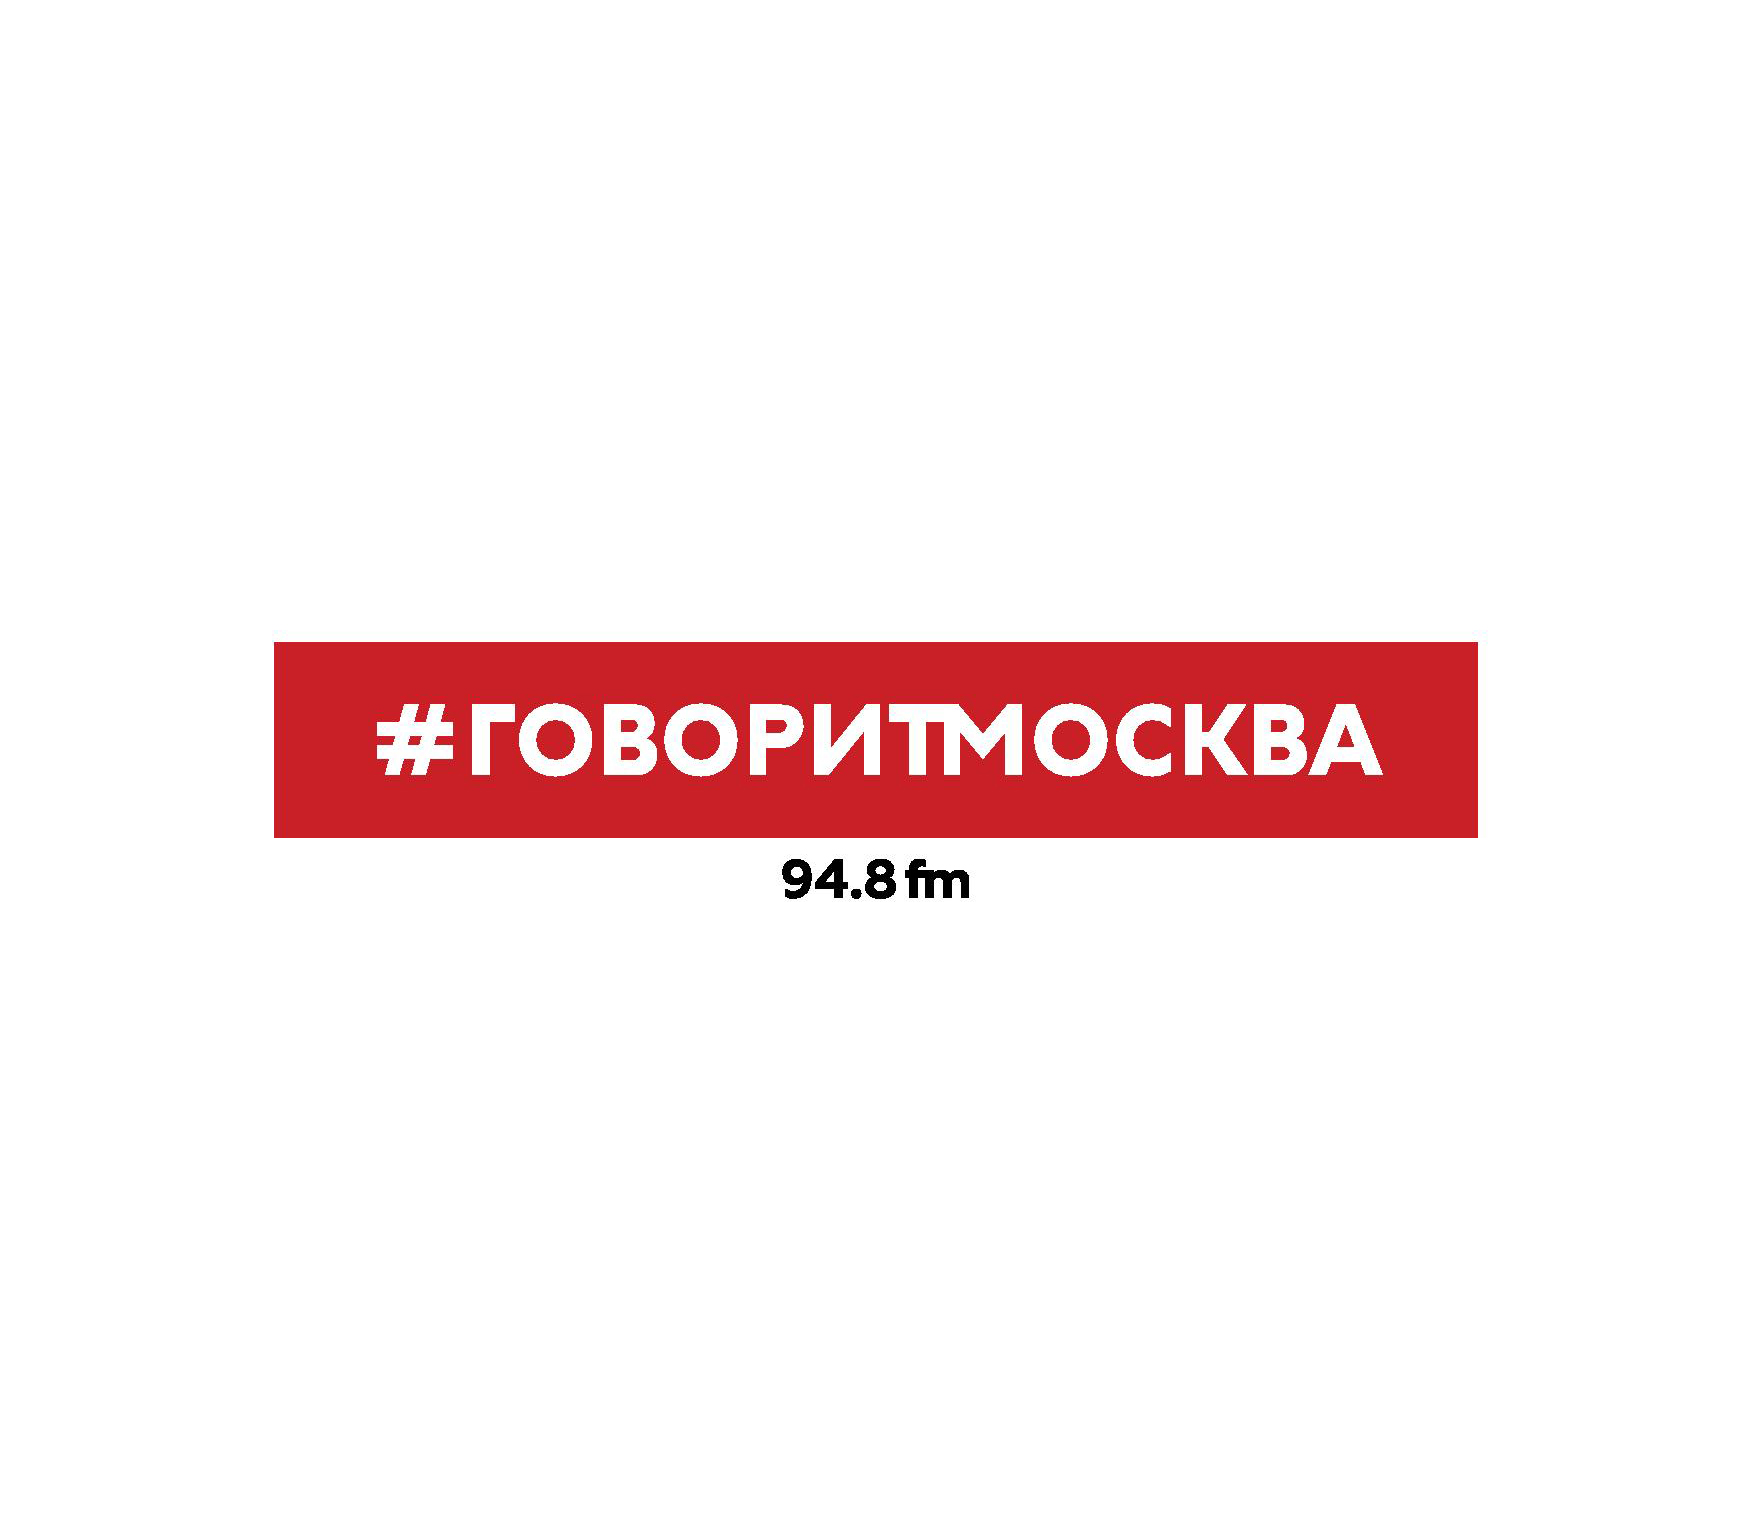 Макс Челноков 2 мая. Анита Цой макс челноков 5 мая марат гельман